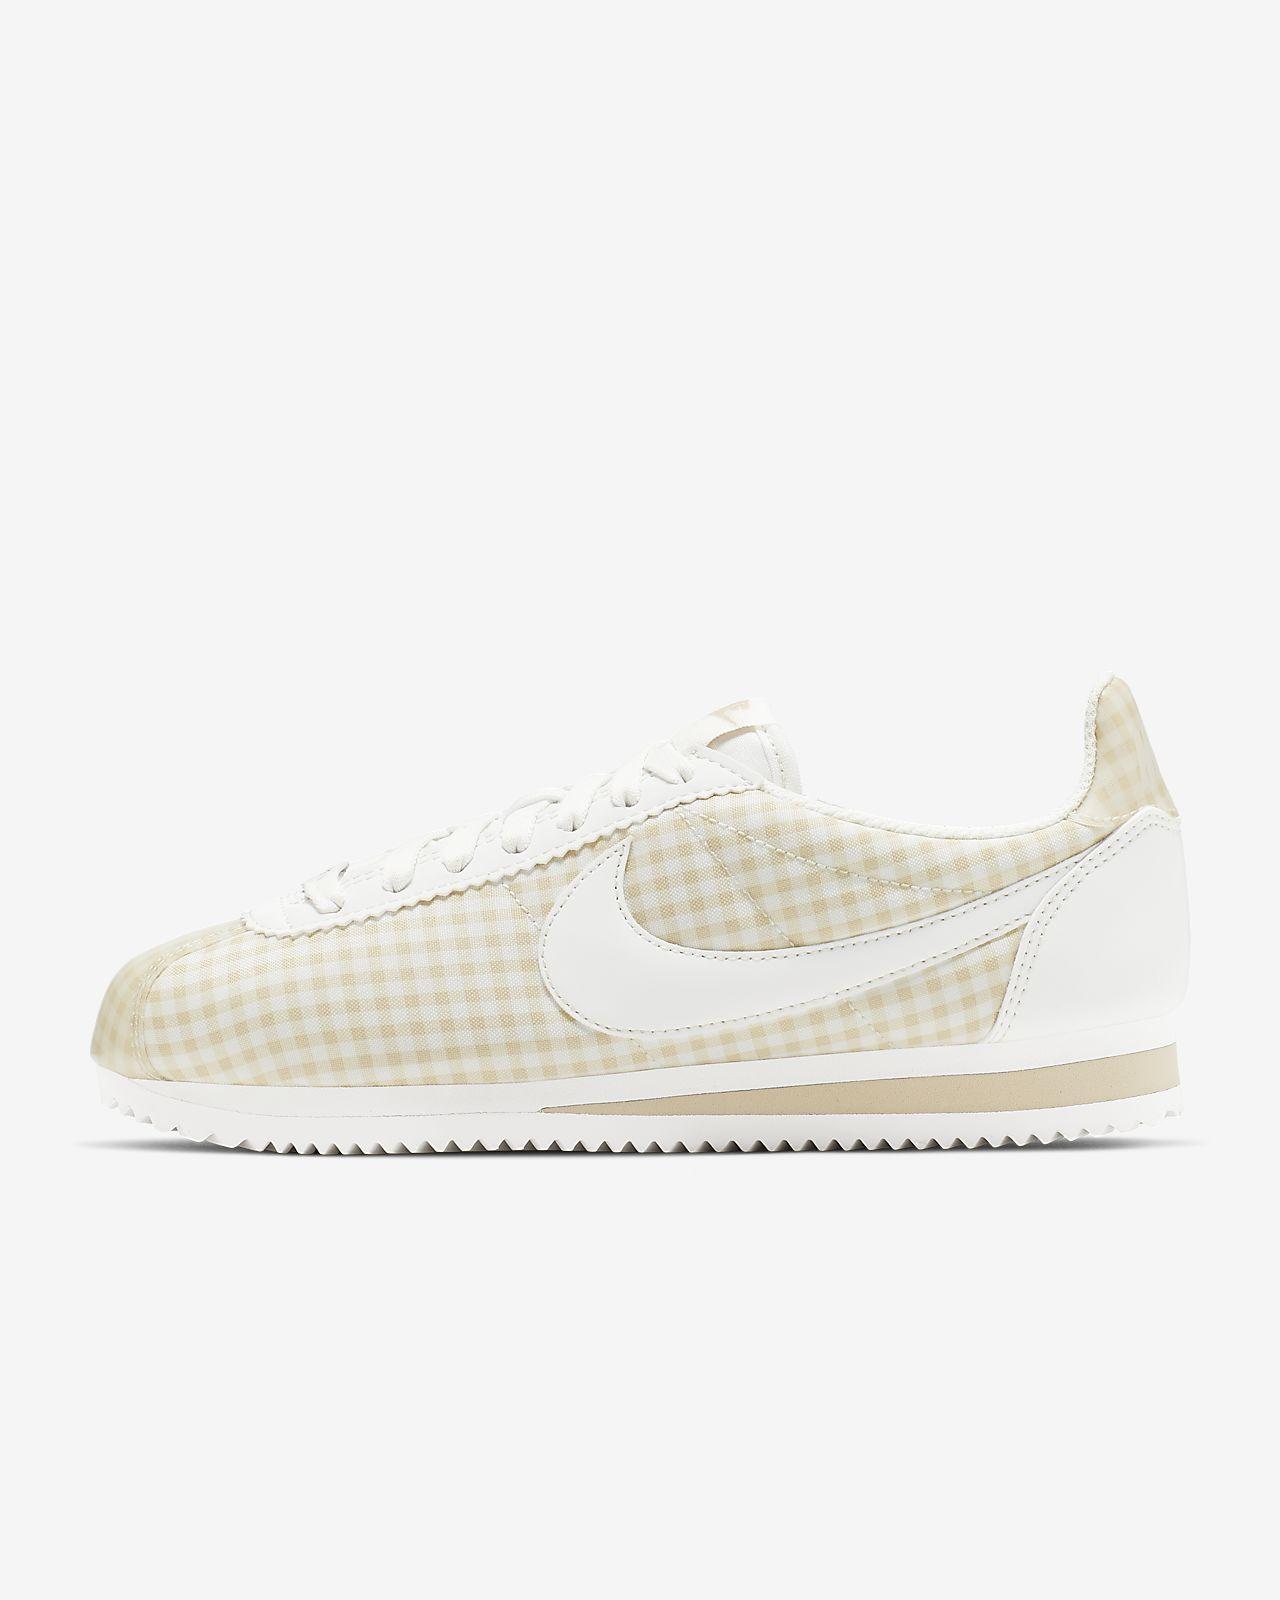 Nike Classic Cortez QS Women's Shoe